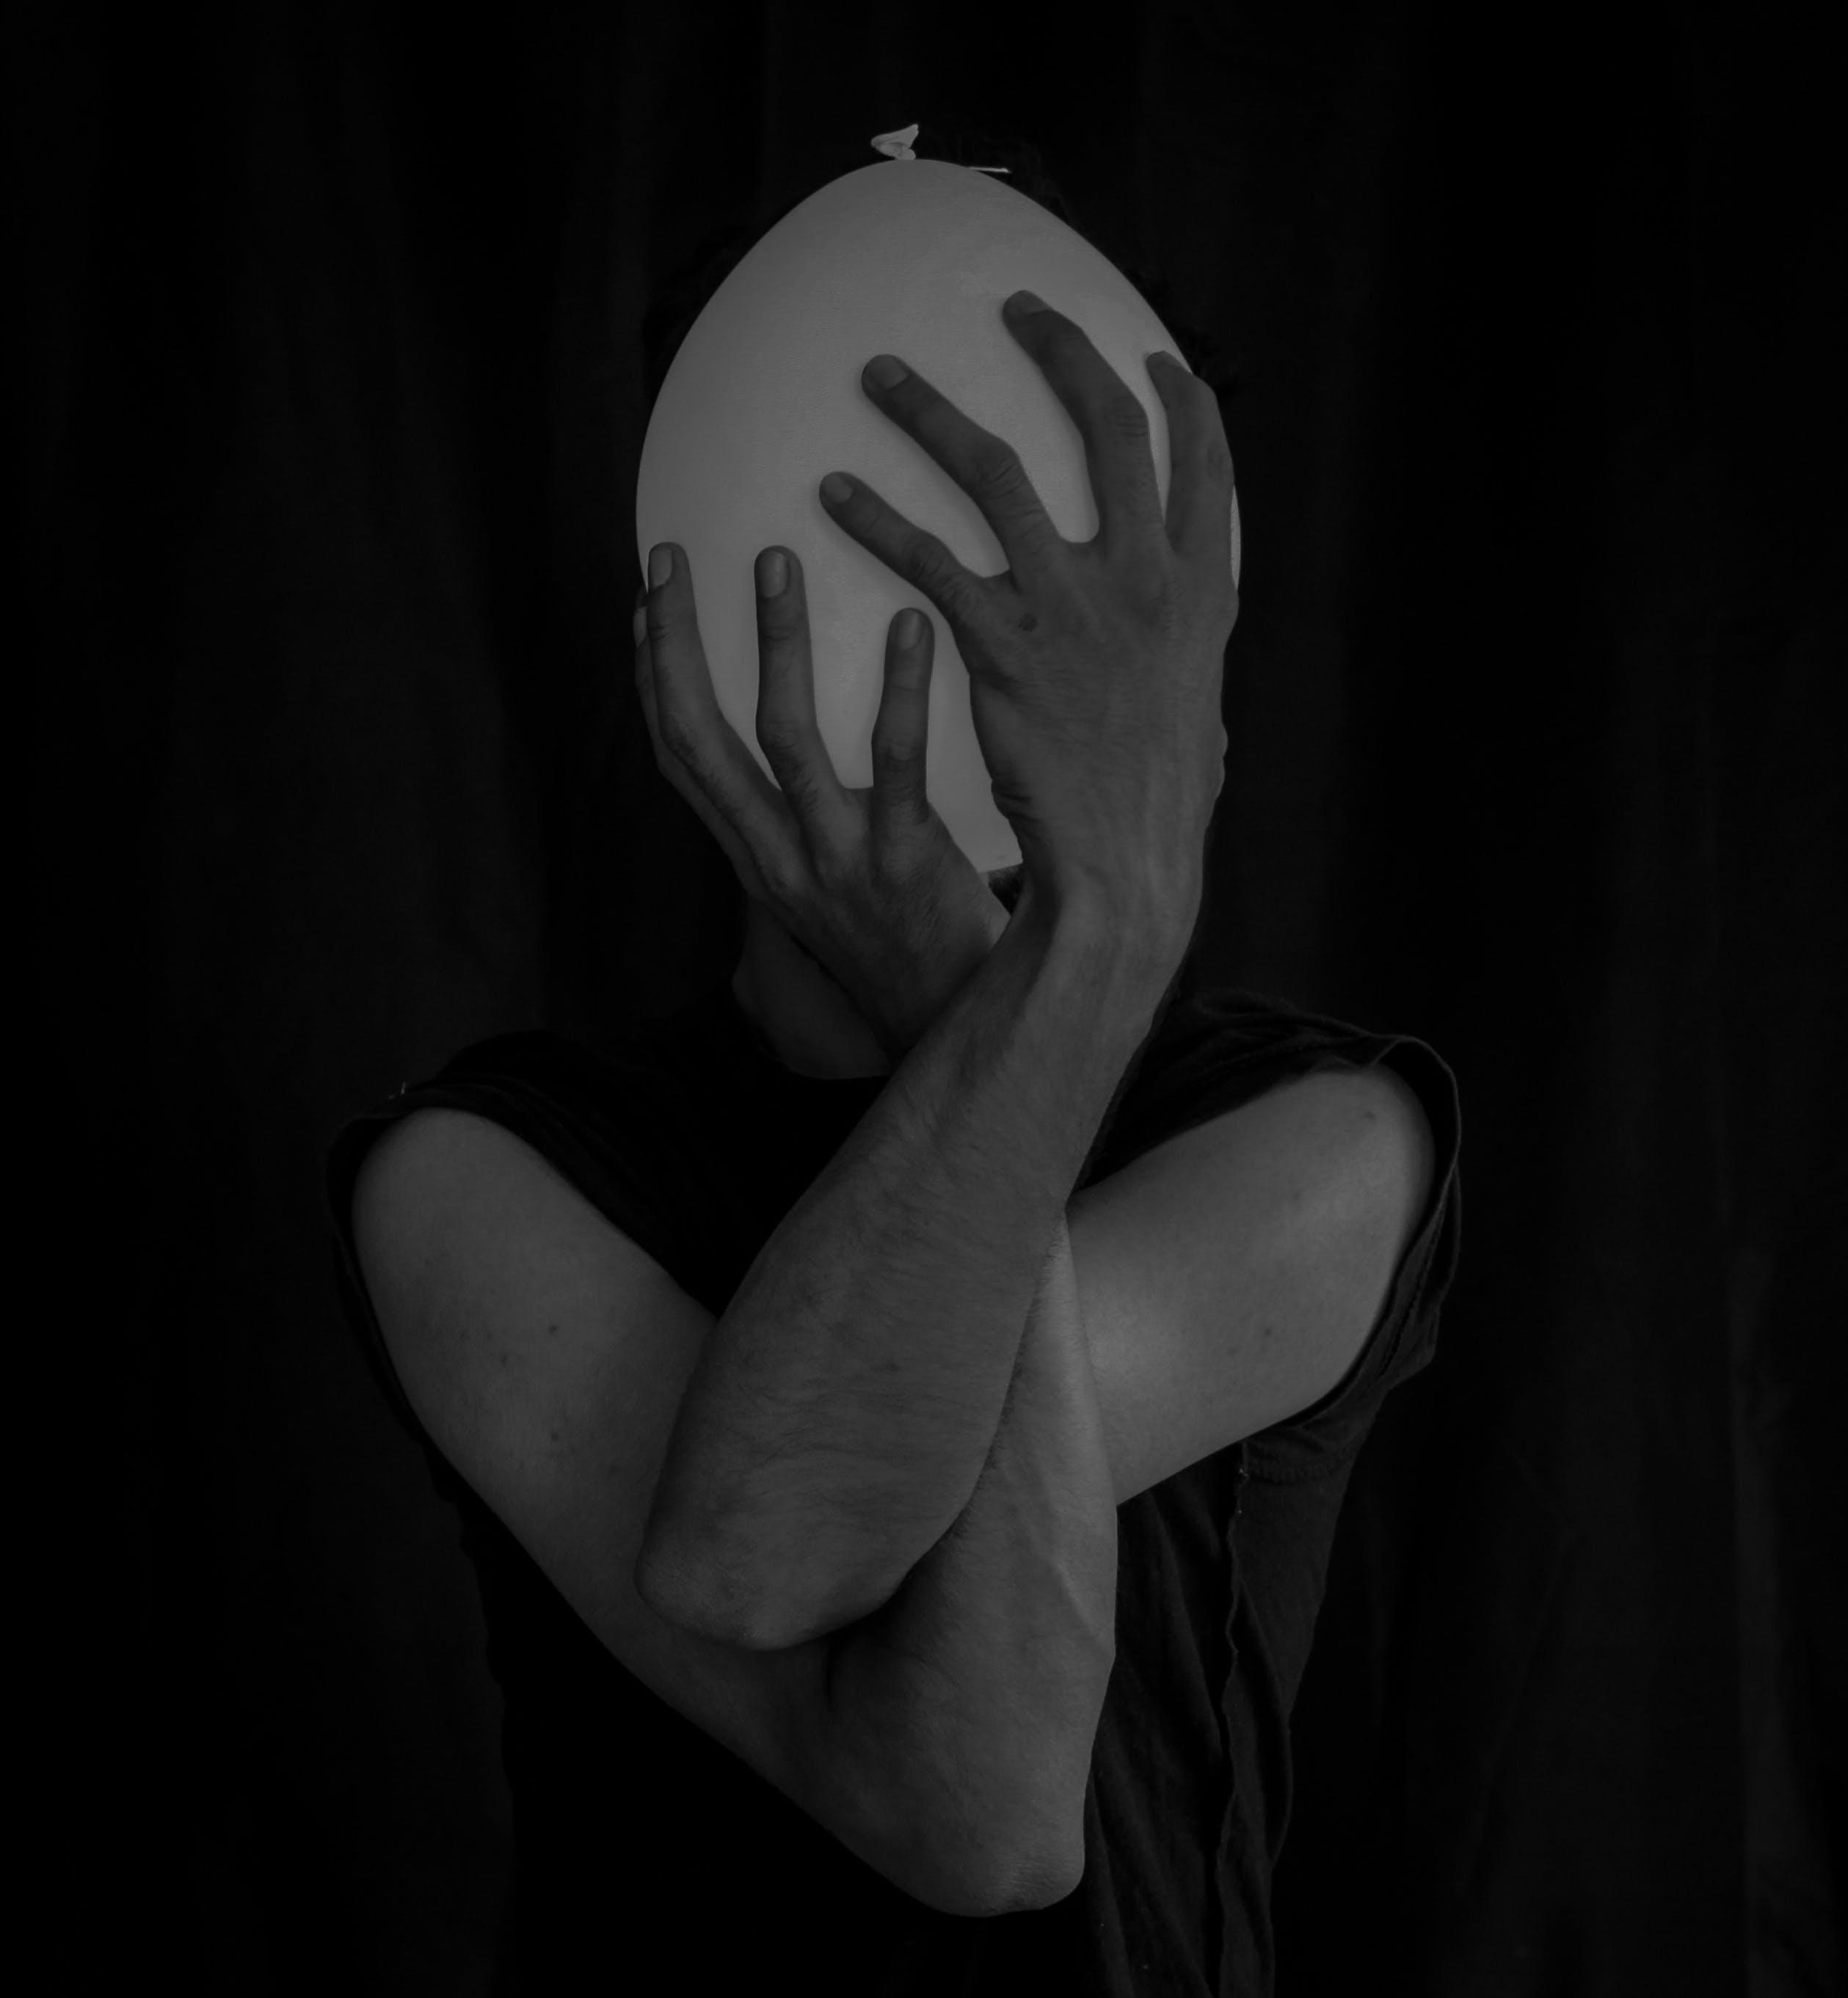 Gratis lagerfoto af ballon, fotosession, hænder, krop